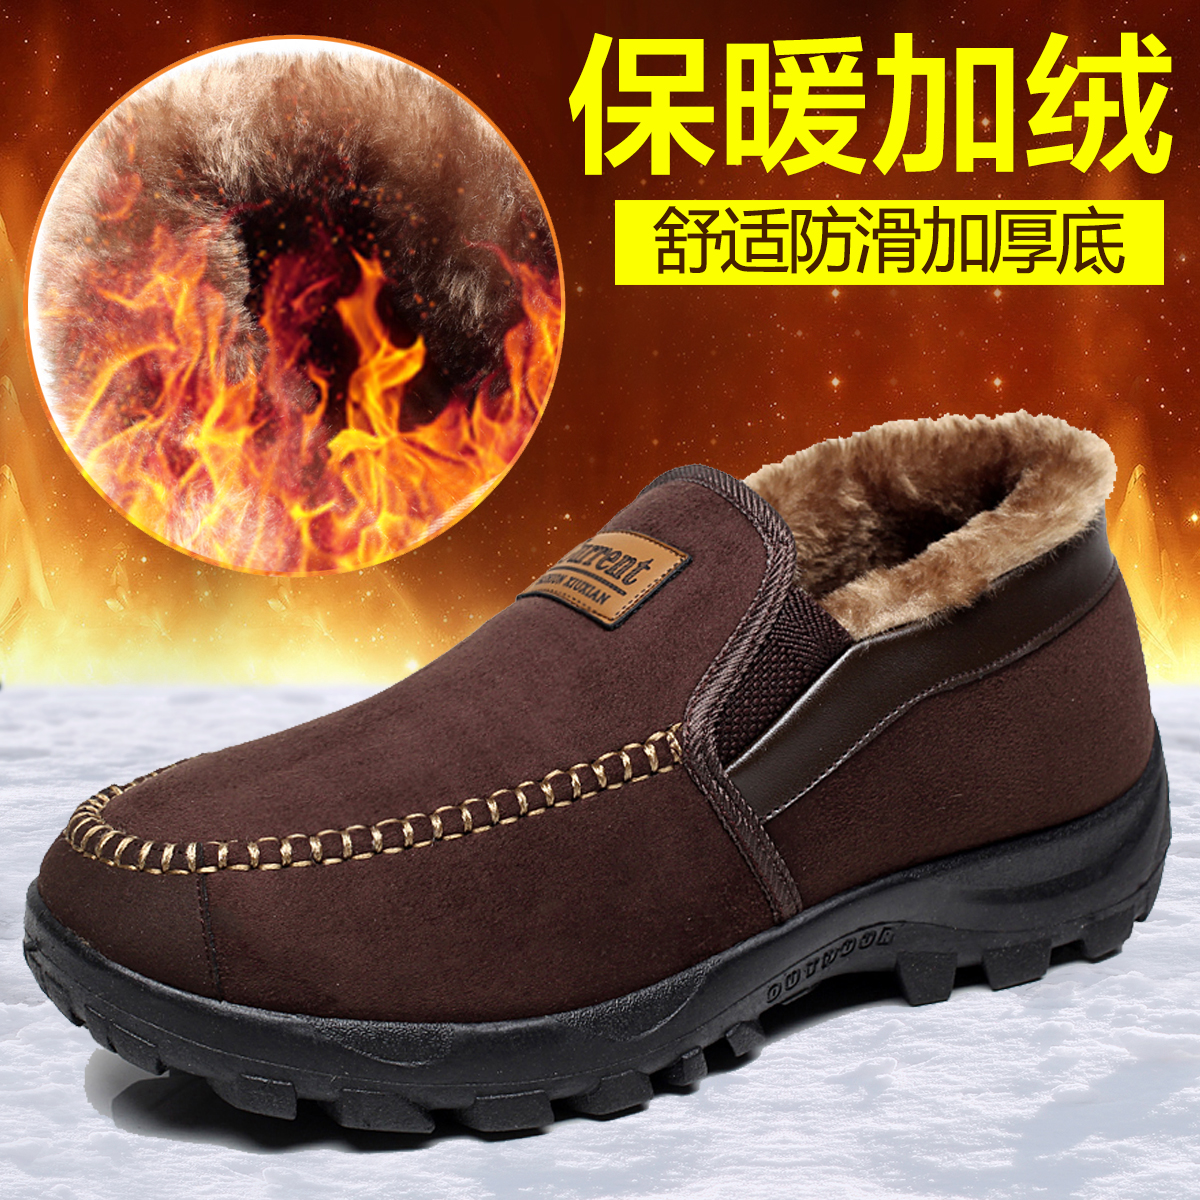 老北京布鞋男鞋冬季棉鞋加厚保暖鞋高帮防滑中老年爸爸鞋老人鞋